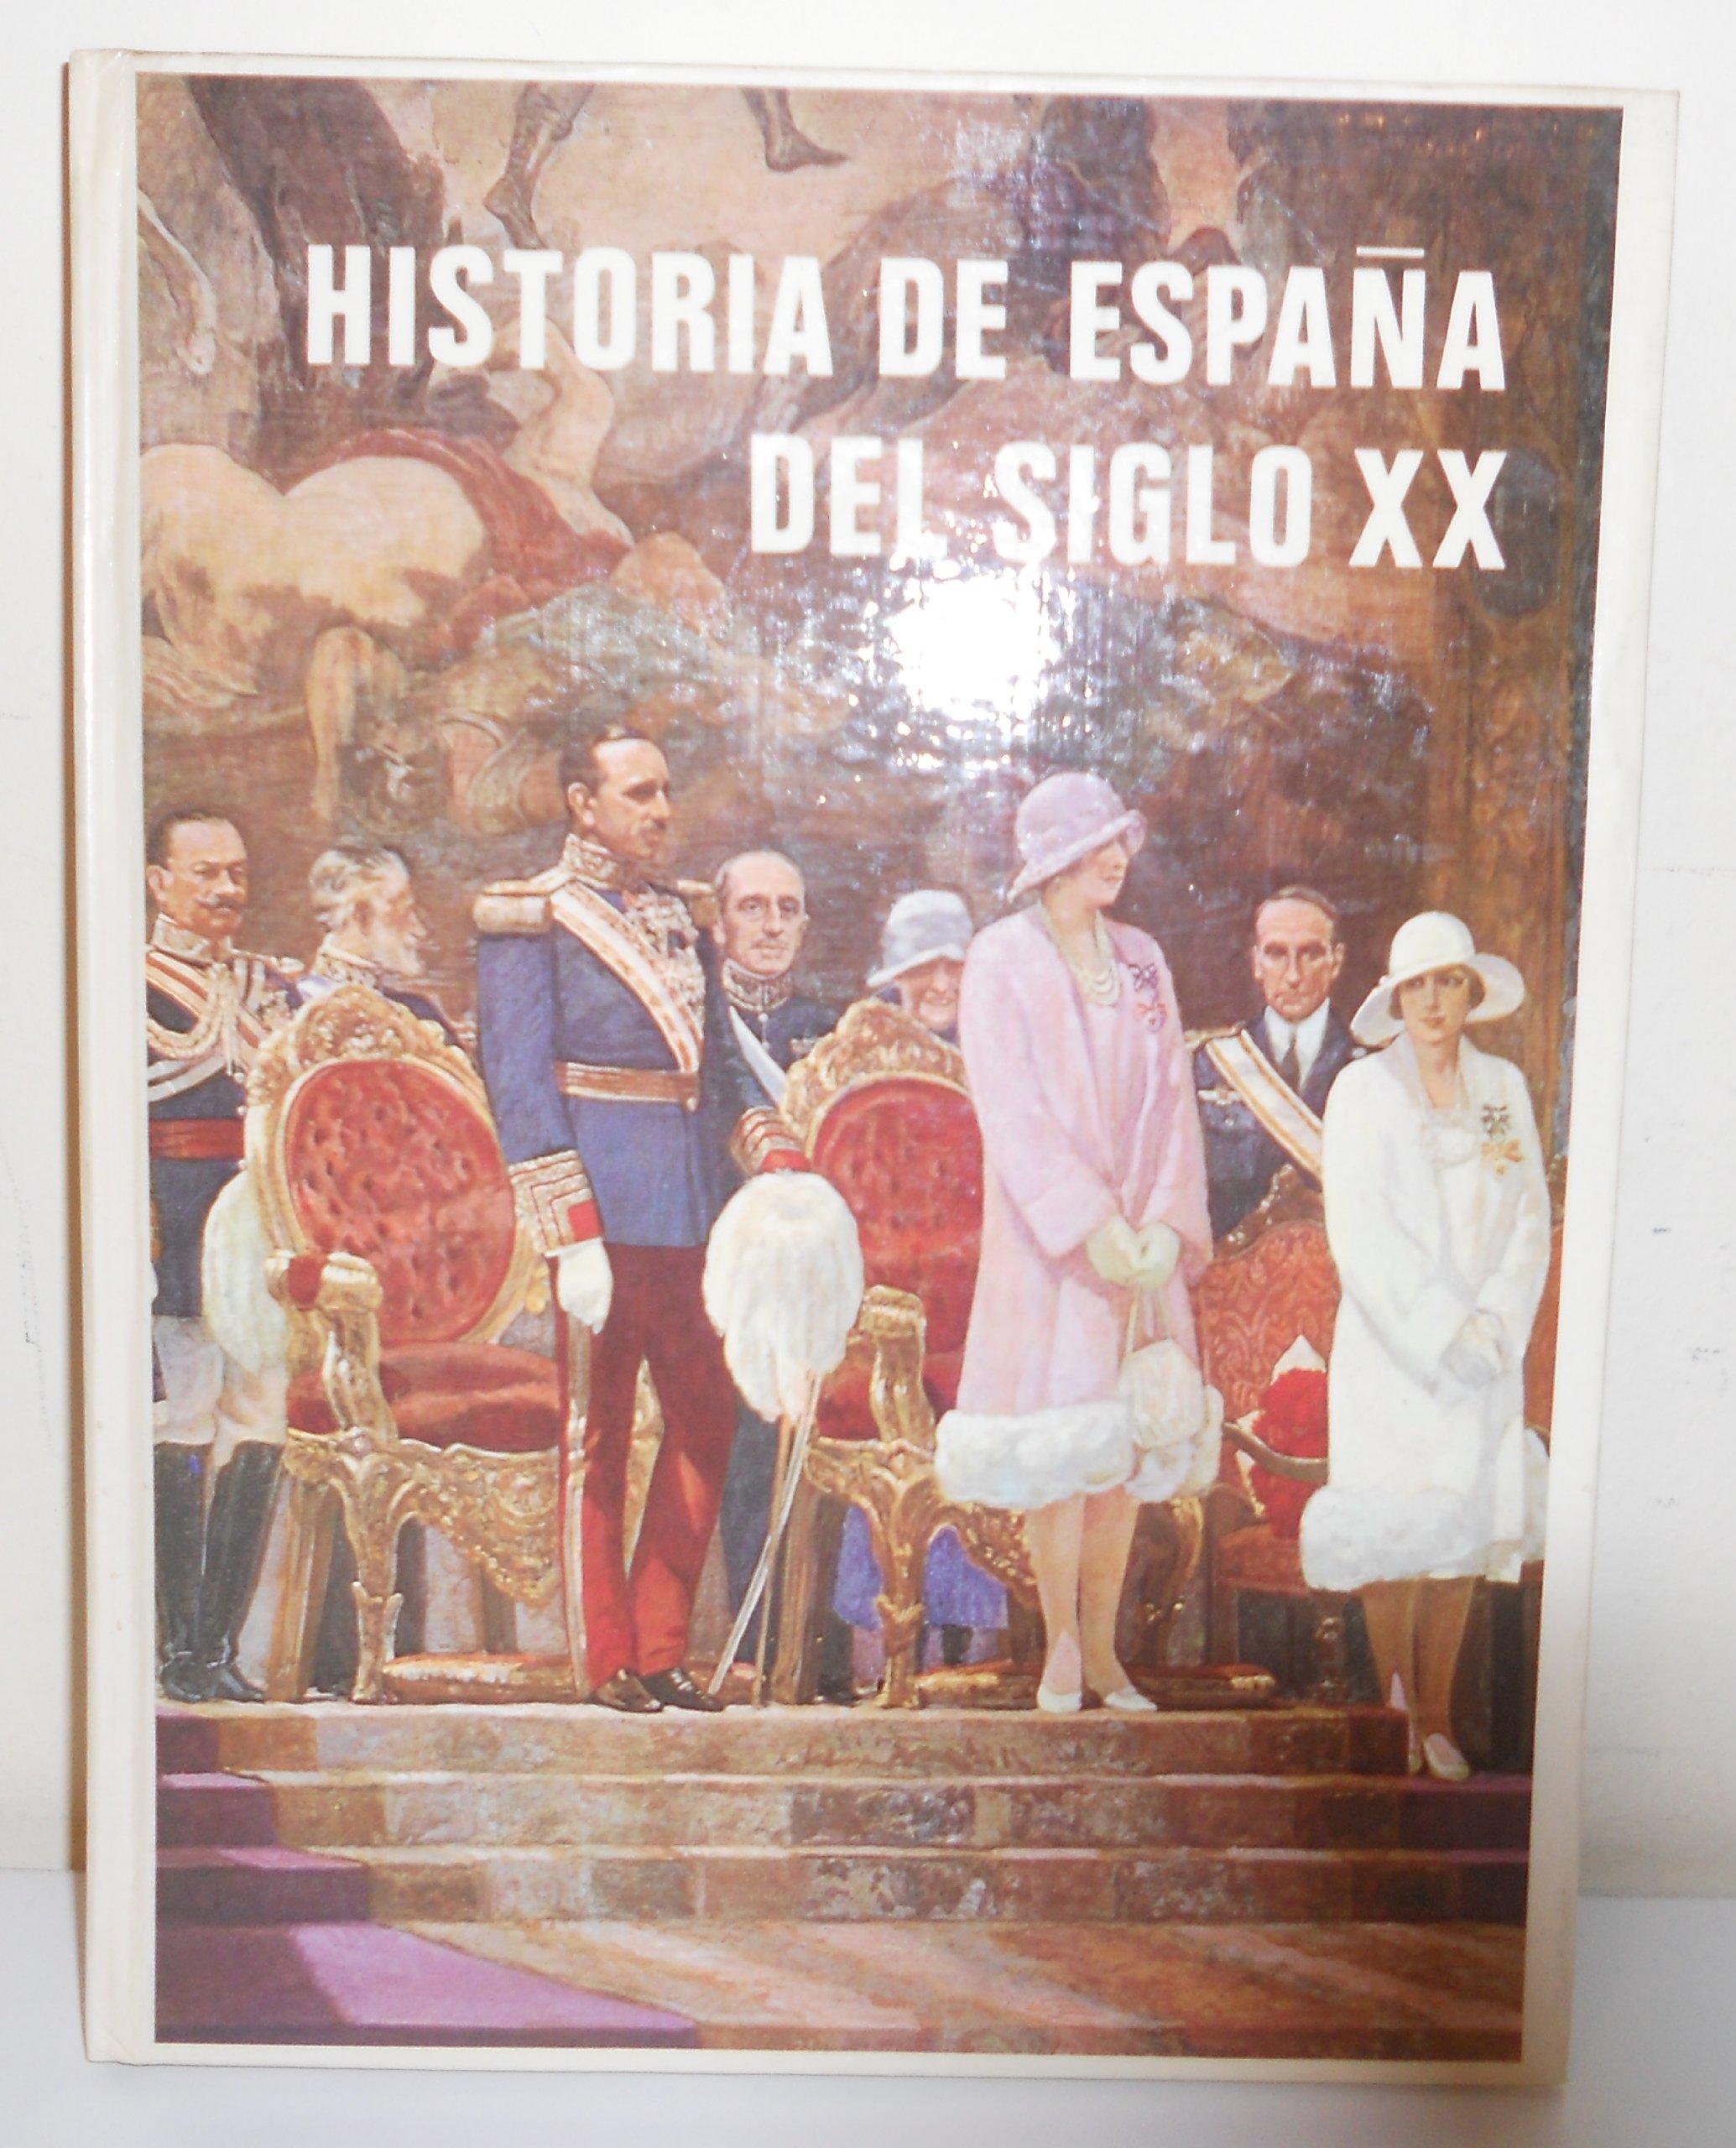 Historia de España del siglo XX: Amazon.es: ANÓNIMO: Libros en ...